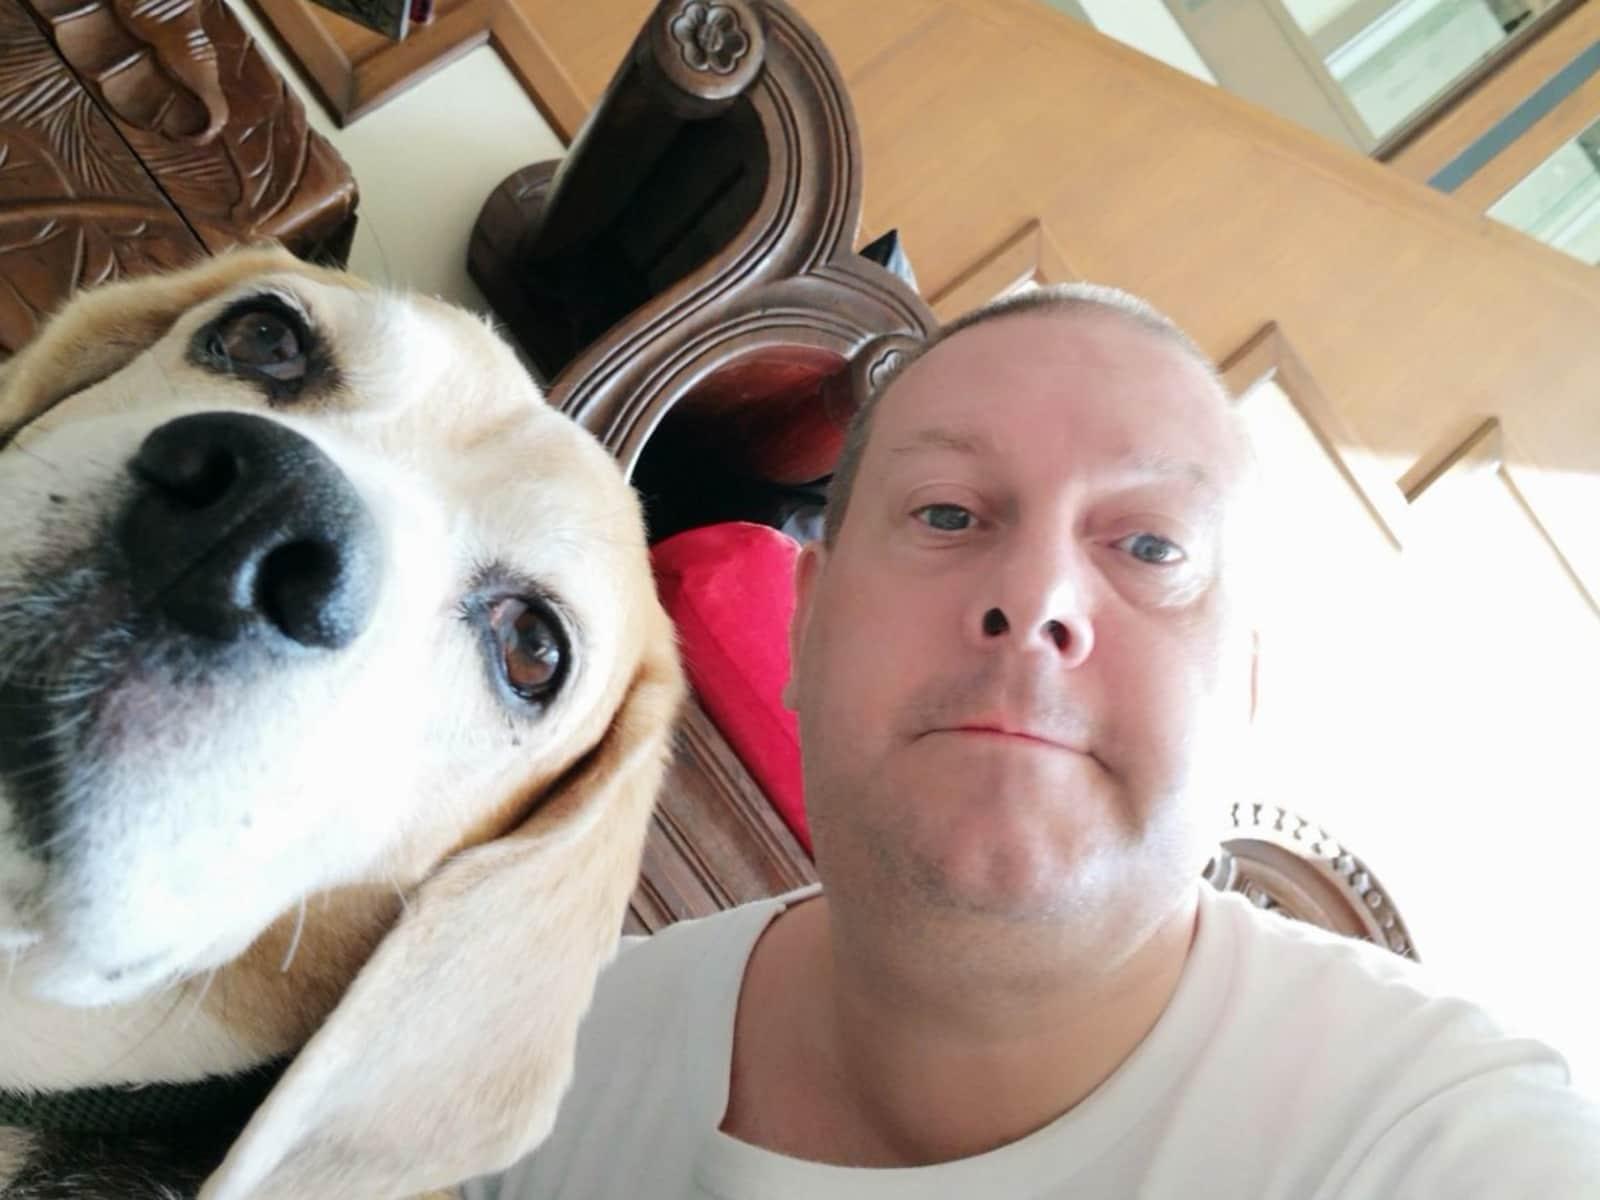 Anthony from Kuala Lumpur, Malaysia